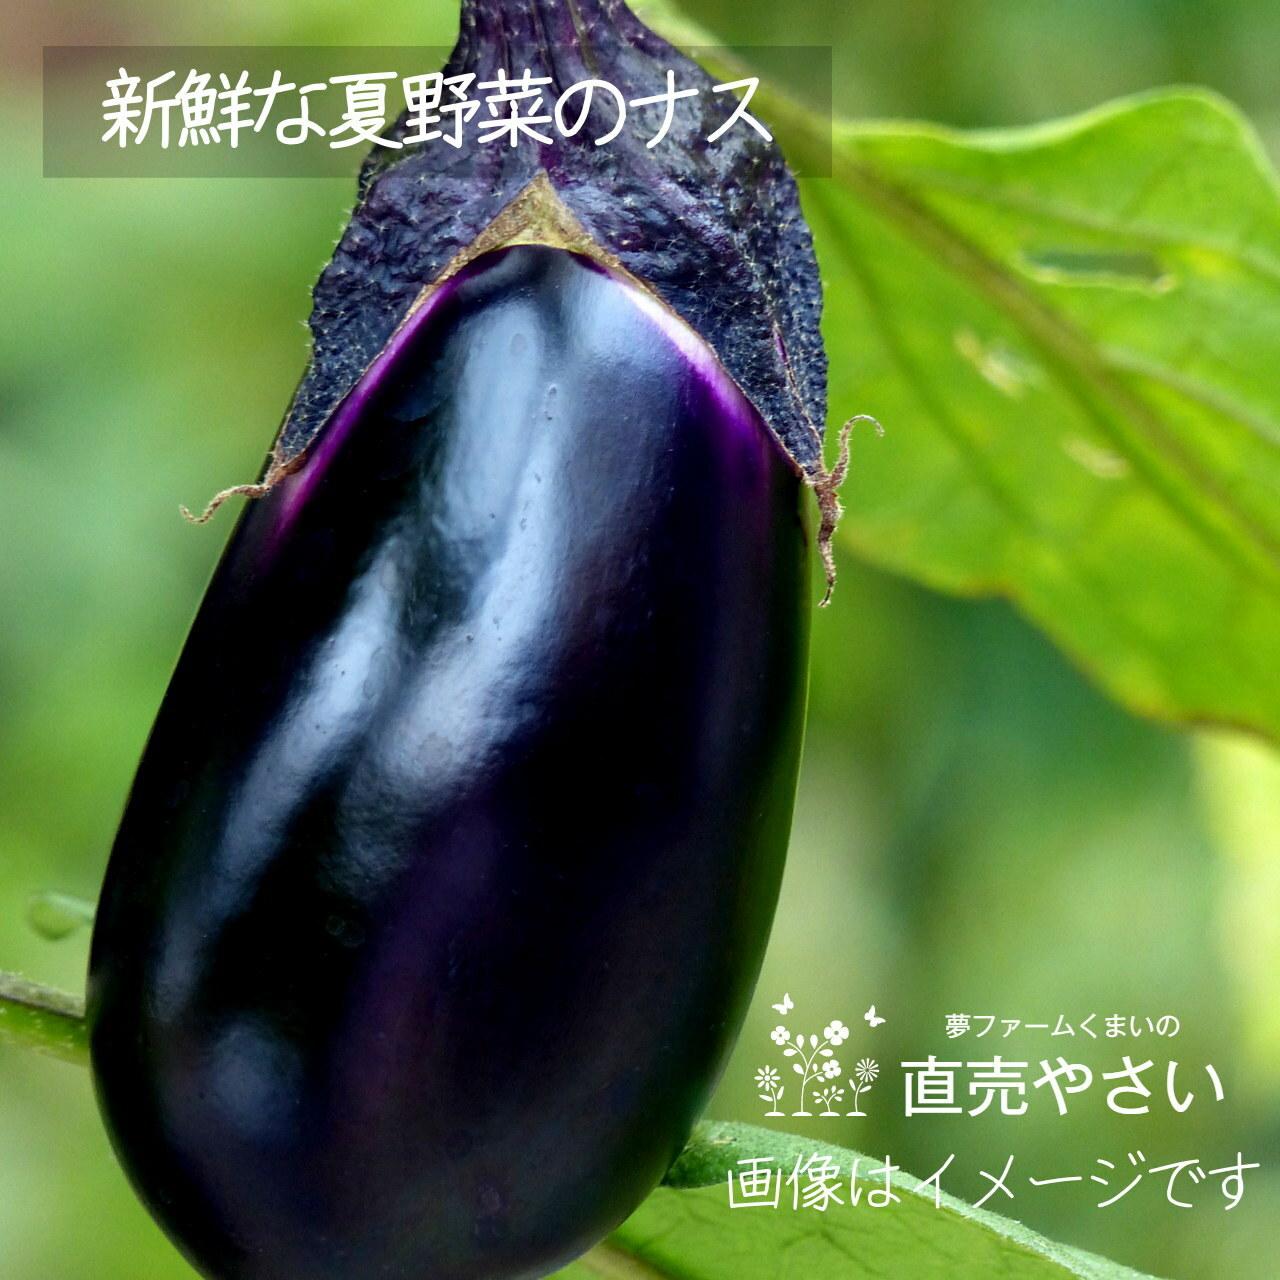 7月の朝採り直売野菜 : ナス 約350g 7月の新鮮な夏野菜 7月27日発送予定